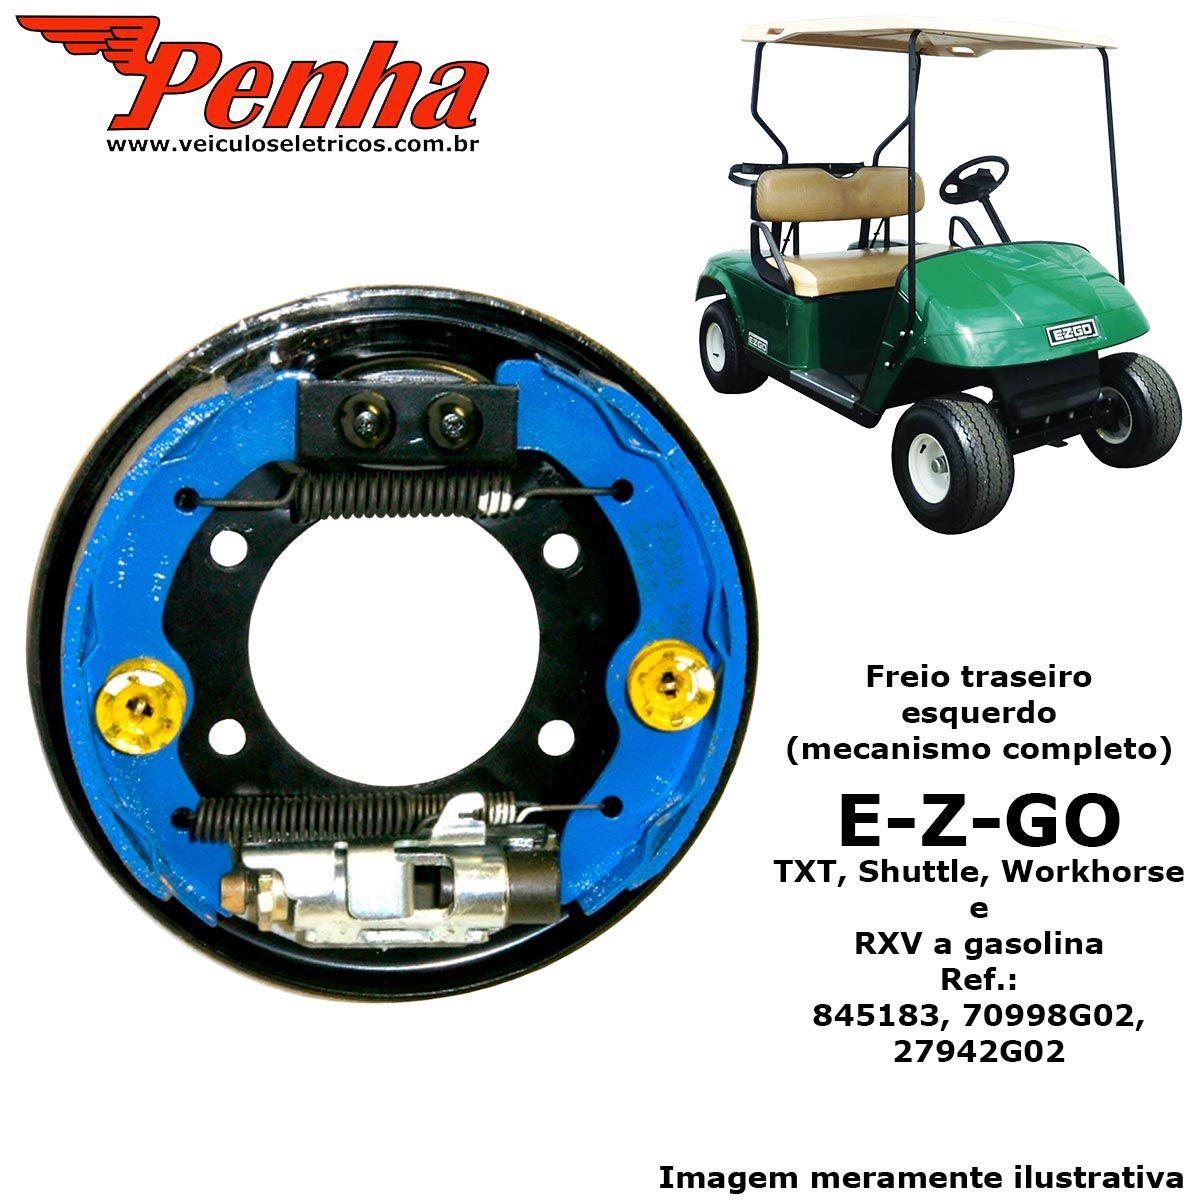 Freio traseiro Conjunto esquerdo para carrinho de golfe EZ-GO TXT